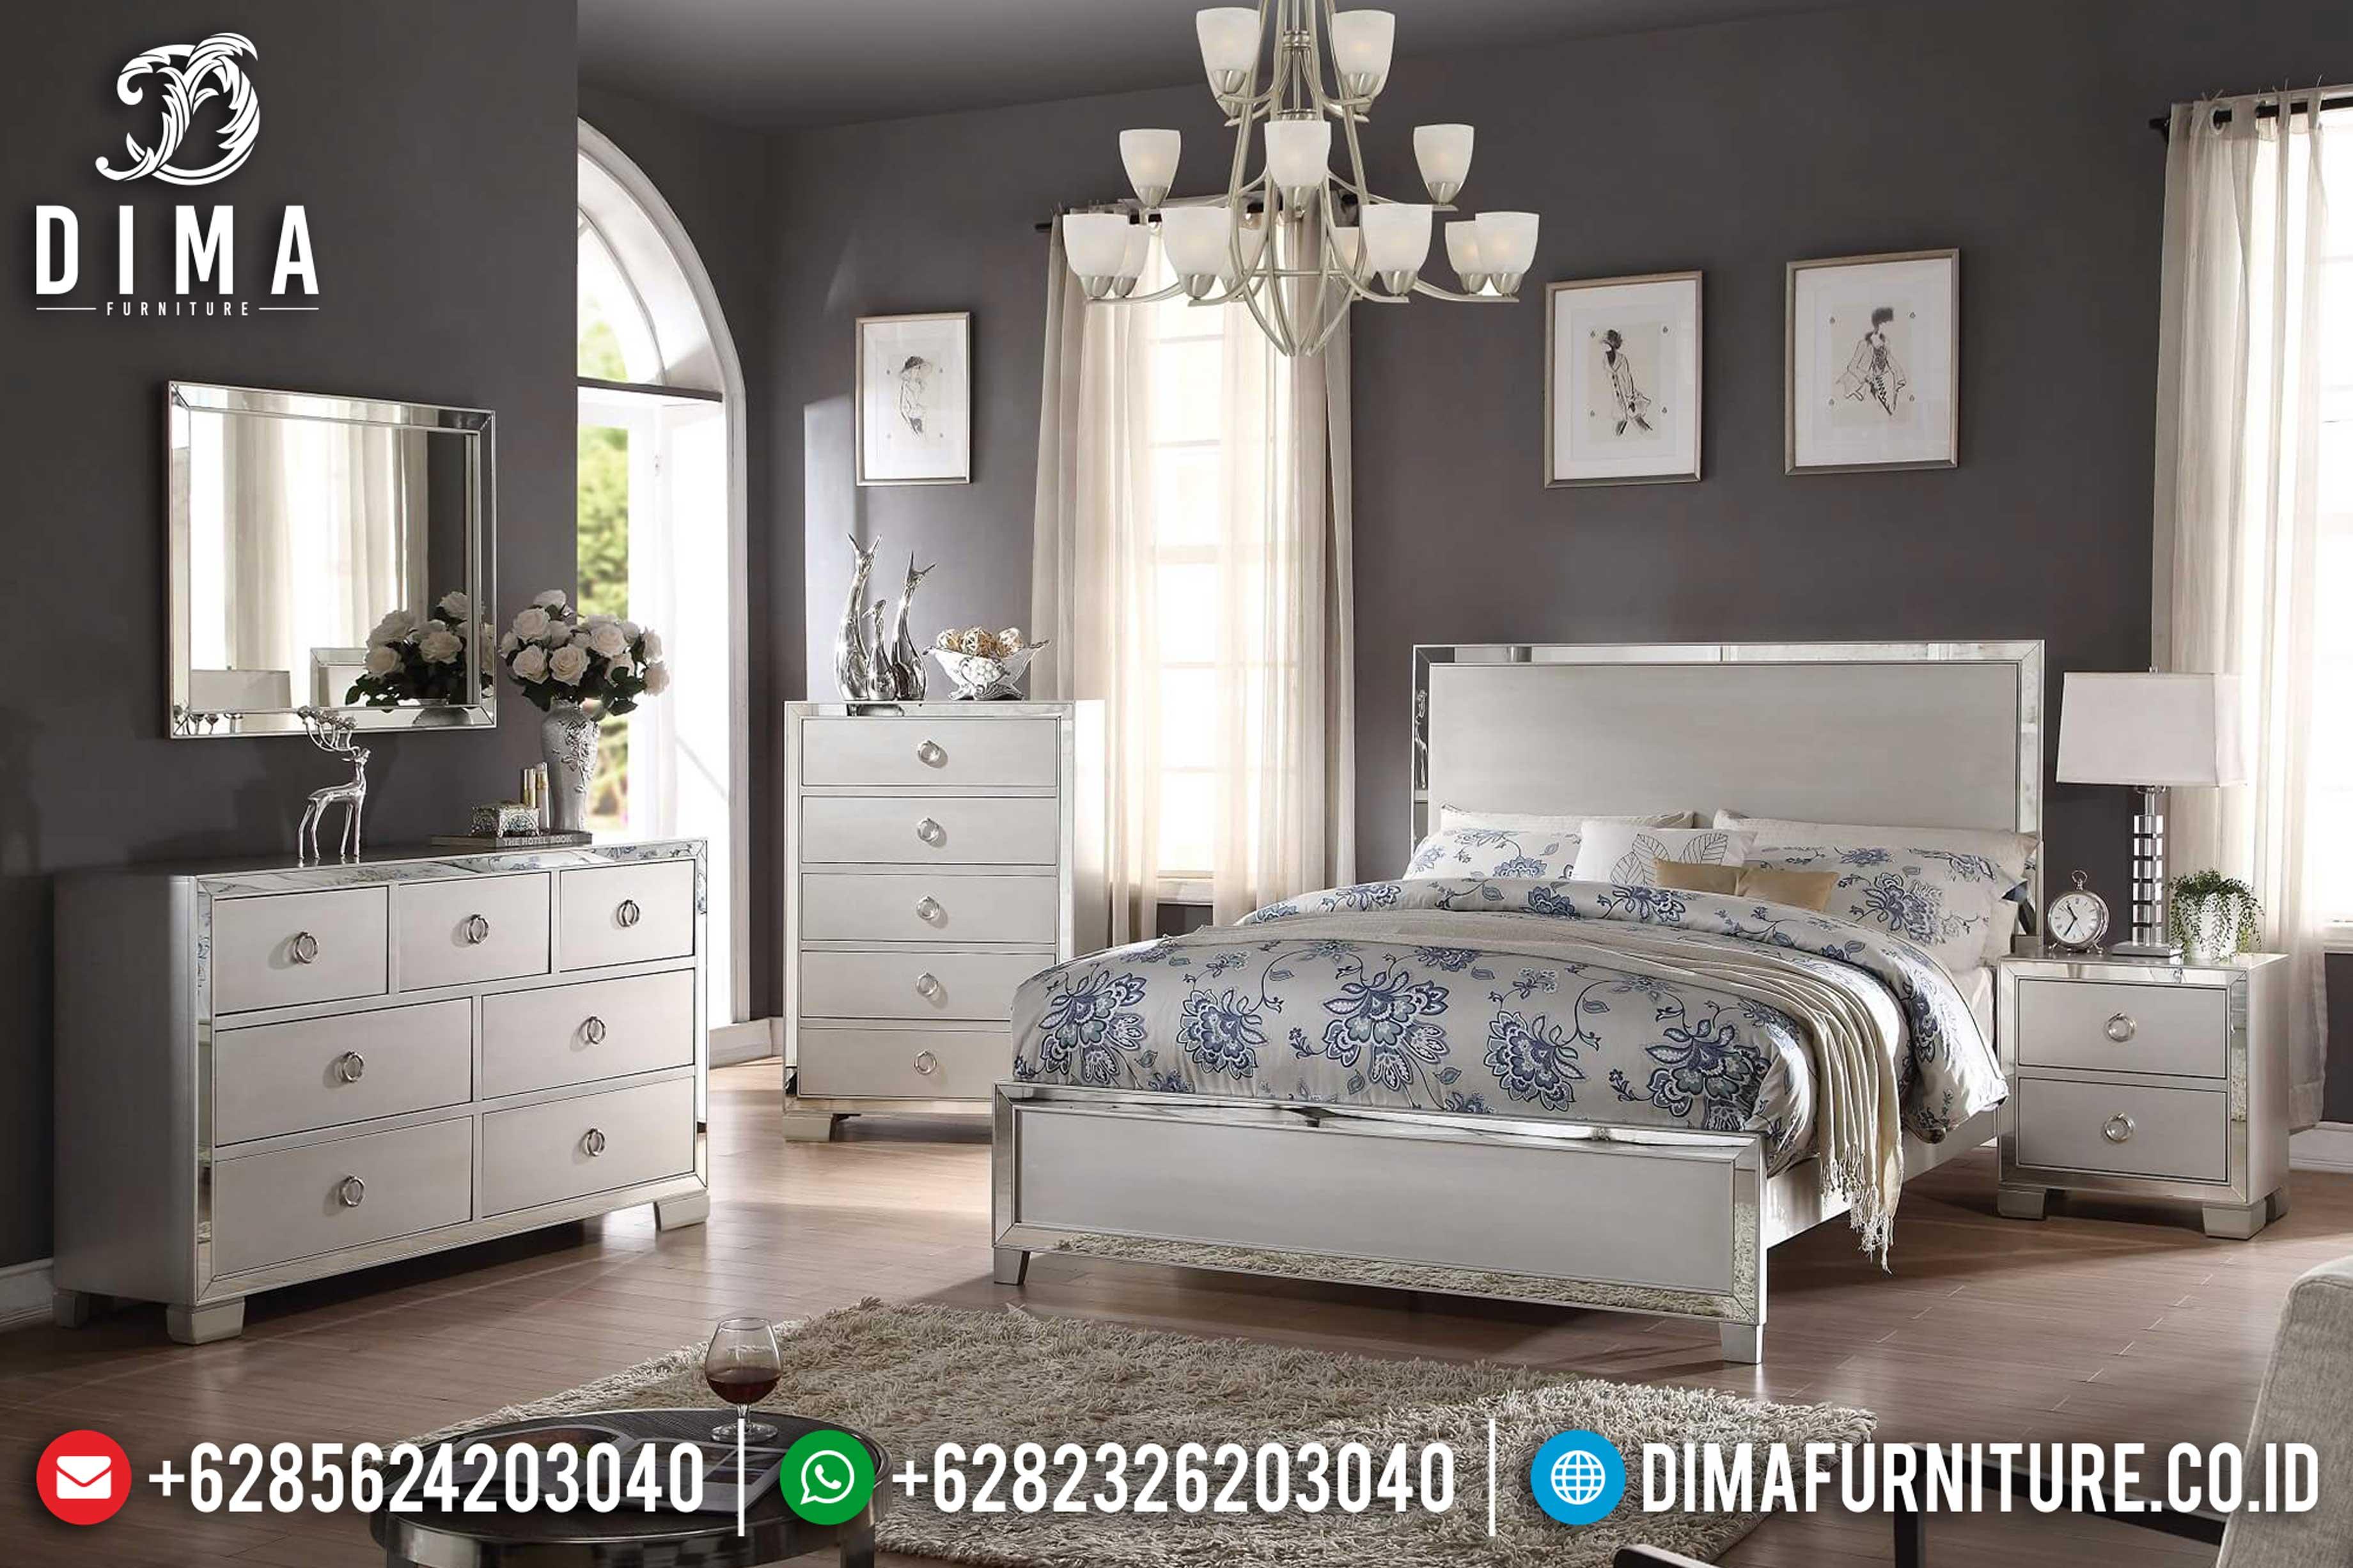 20+ Tempat Tidur Jepara Mewah Dan Minimalis Pilihan Tahun 2019 027 Dima Furniture Jepara